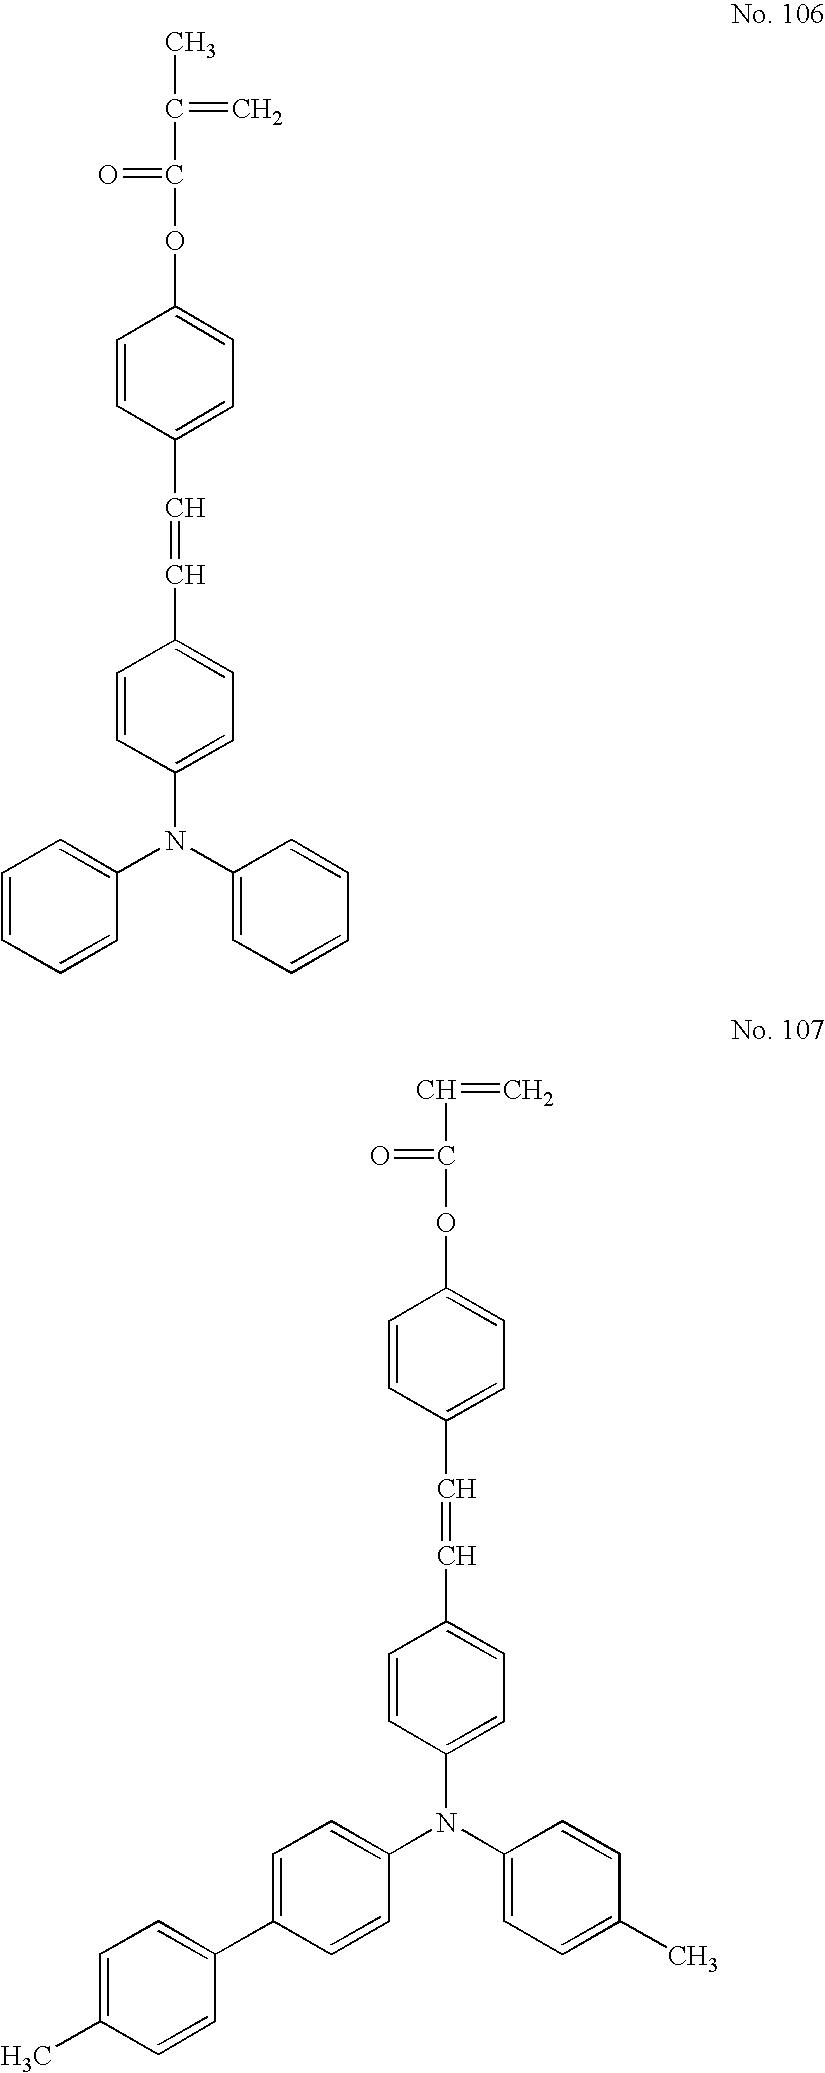 Figure US07824830-20101102-C00052